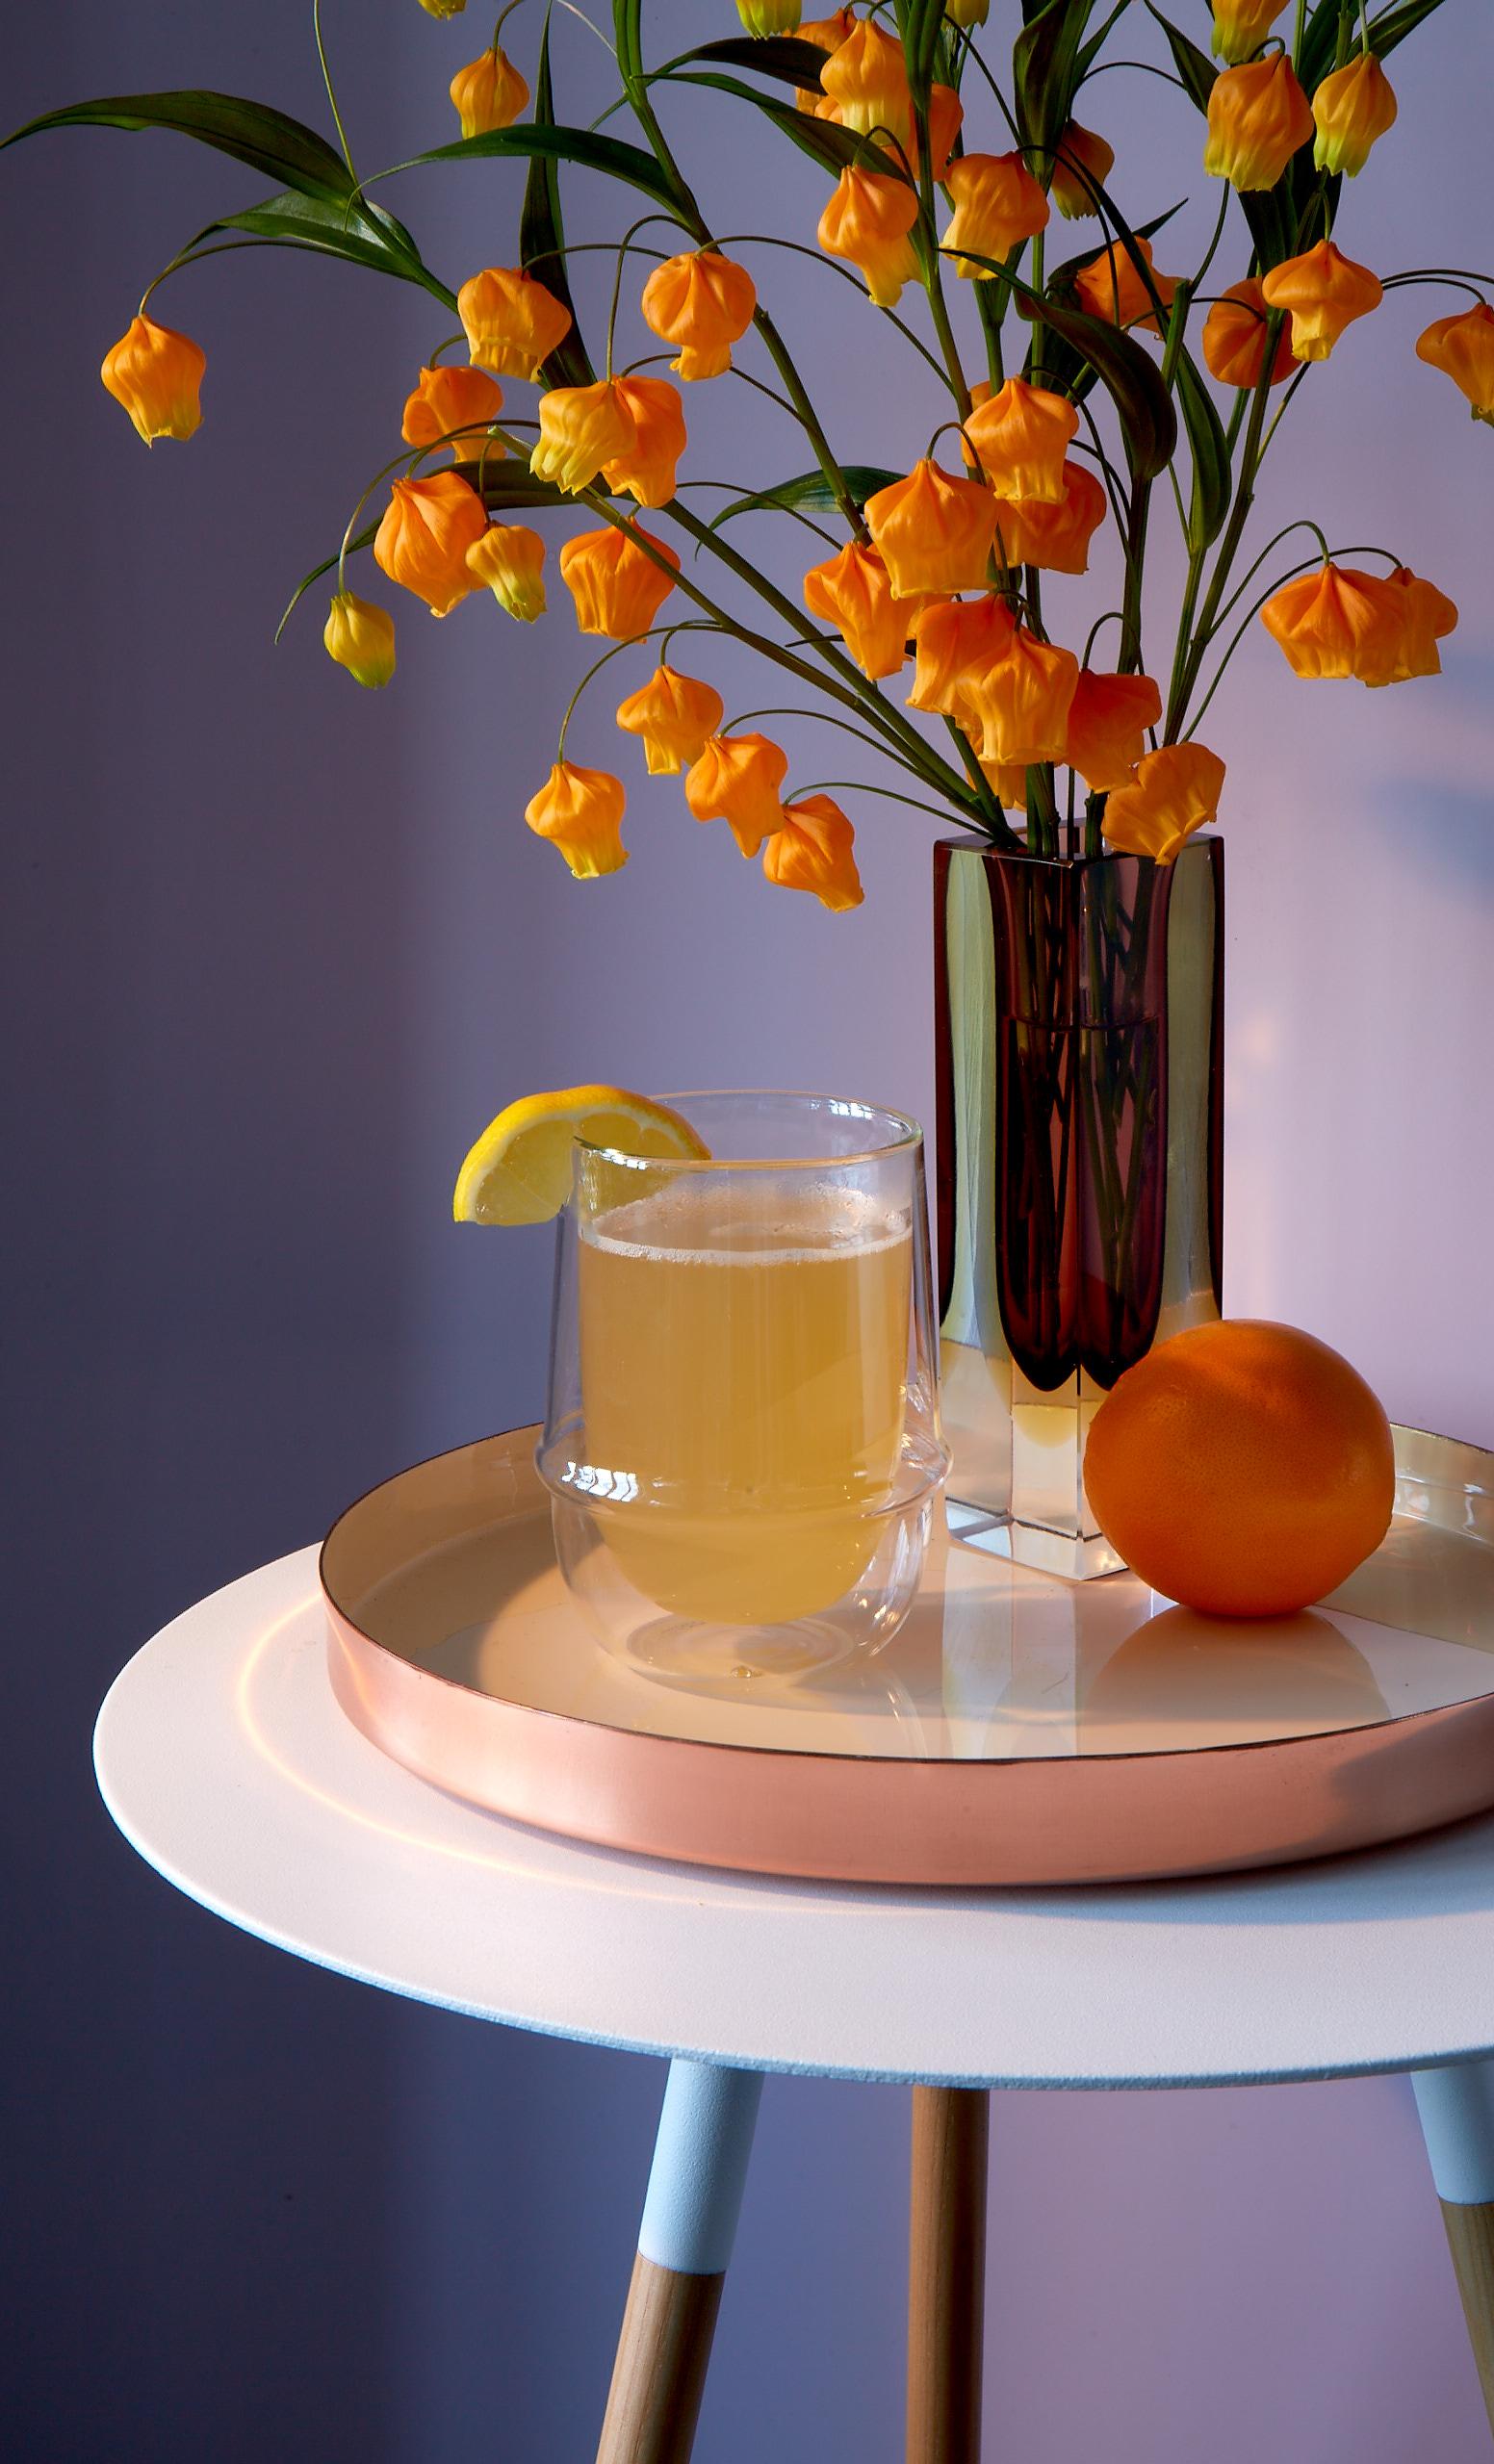 caracara_orange_chamomile_hot_toddy_1217.jpg